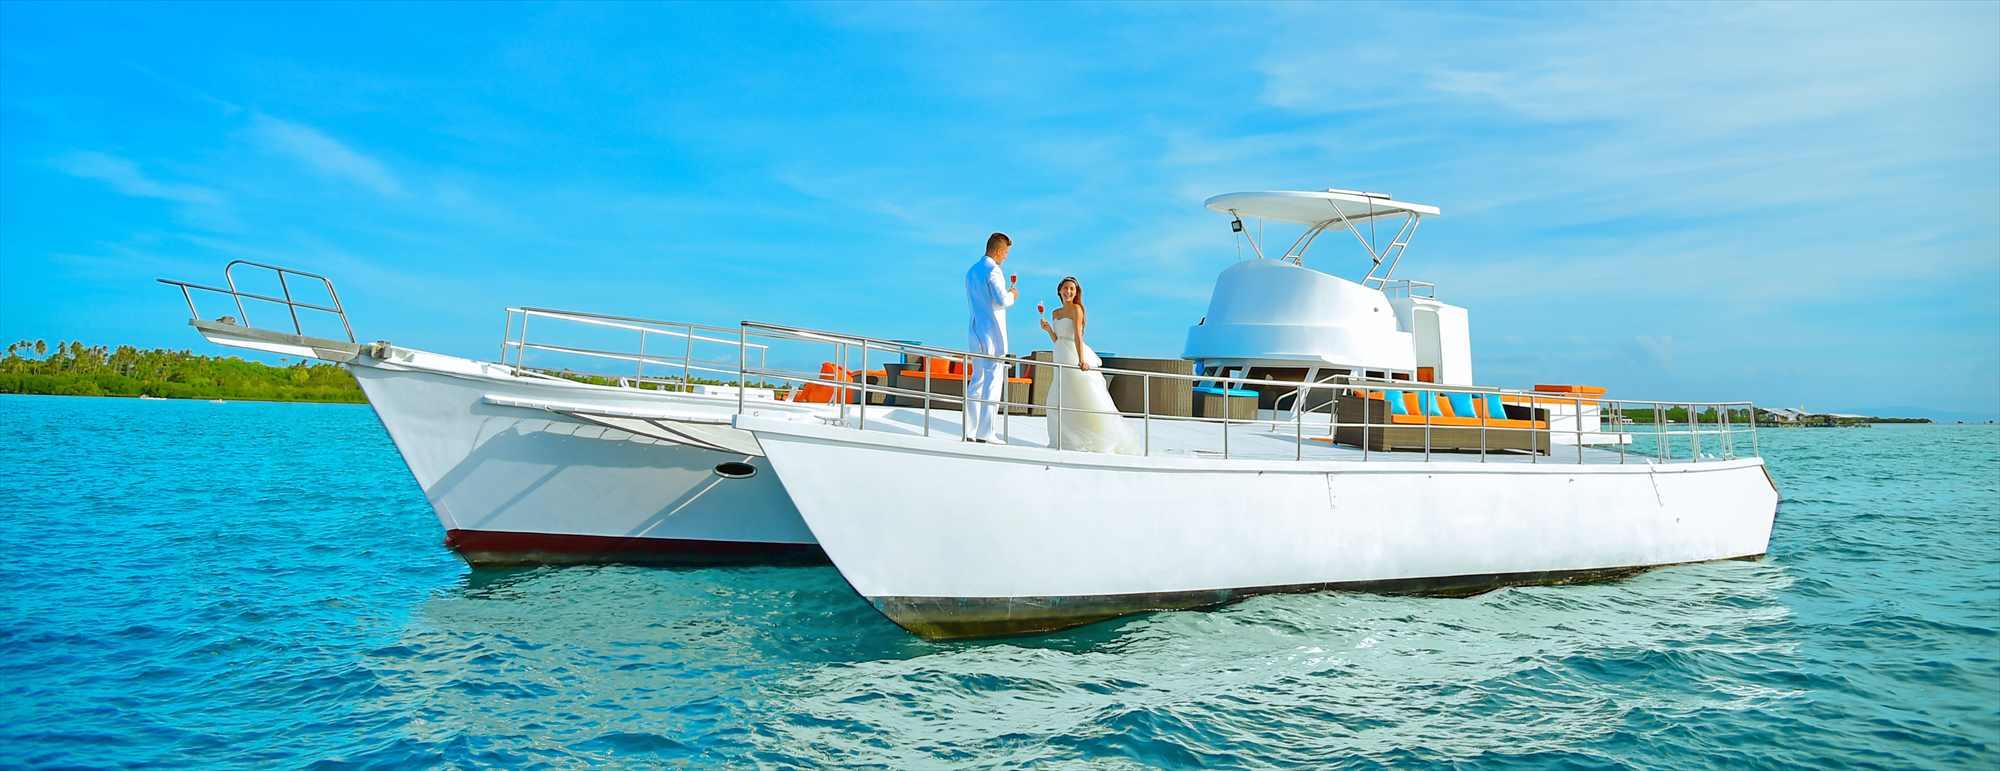 セブ島ボート・クルージング・ウェディングCebu Cruising Wedding & Party~クルージング・船上・挙式&パーティー